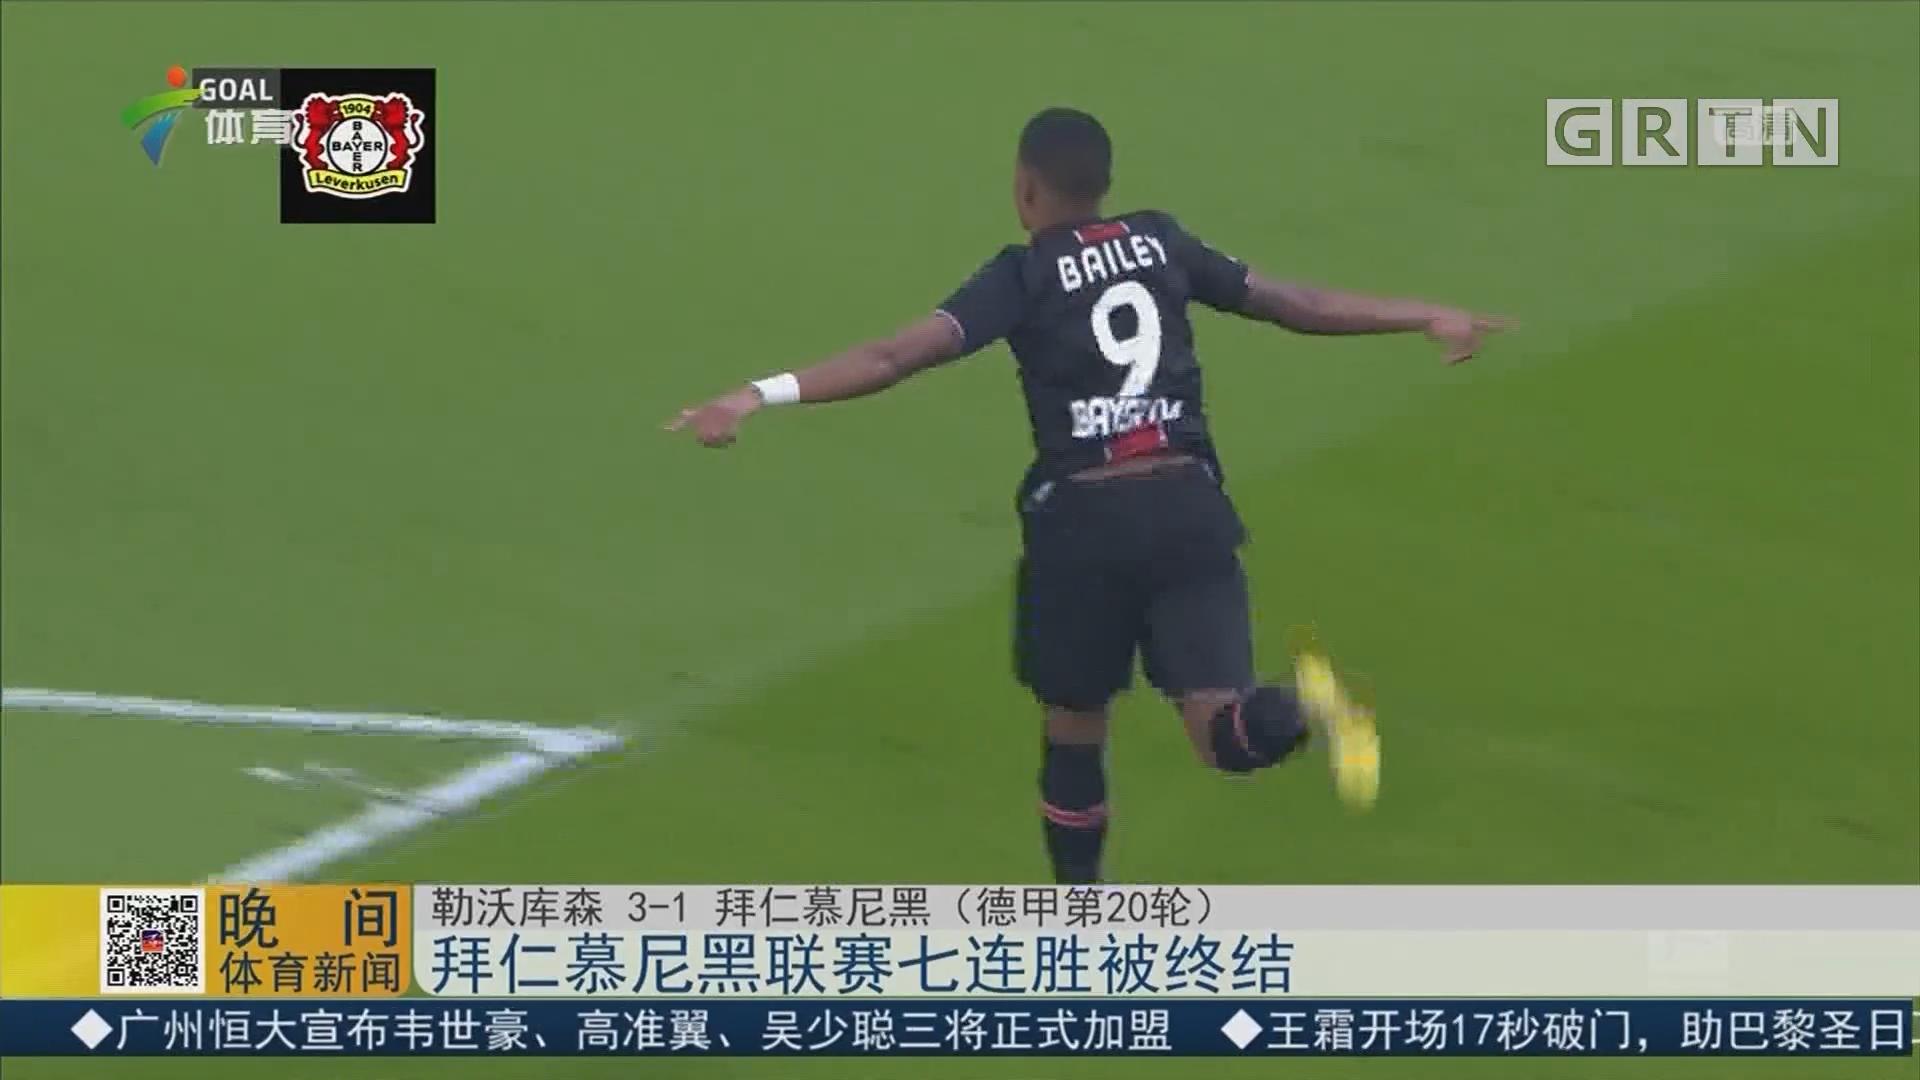 拜仁慕尼黑联赛七连胜被终结